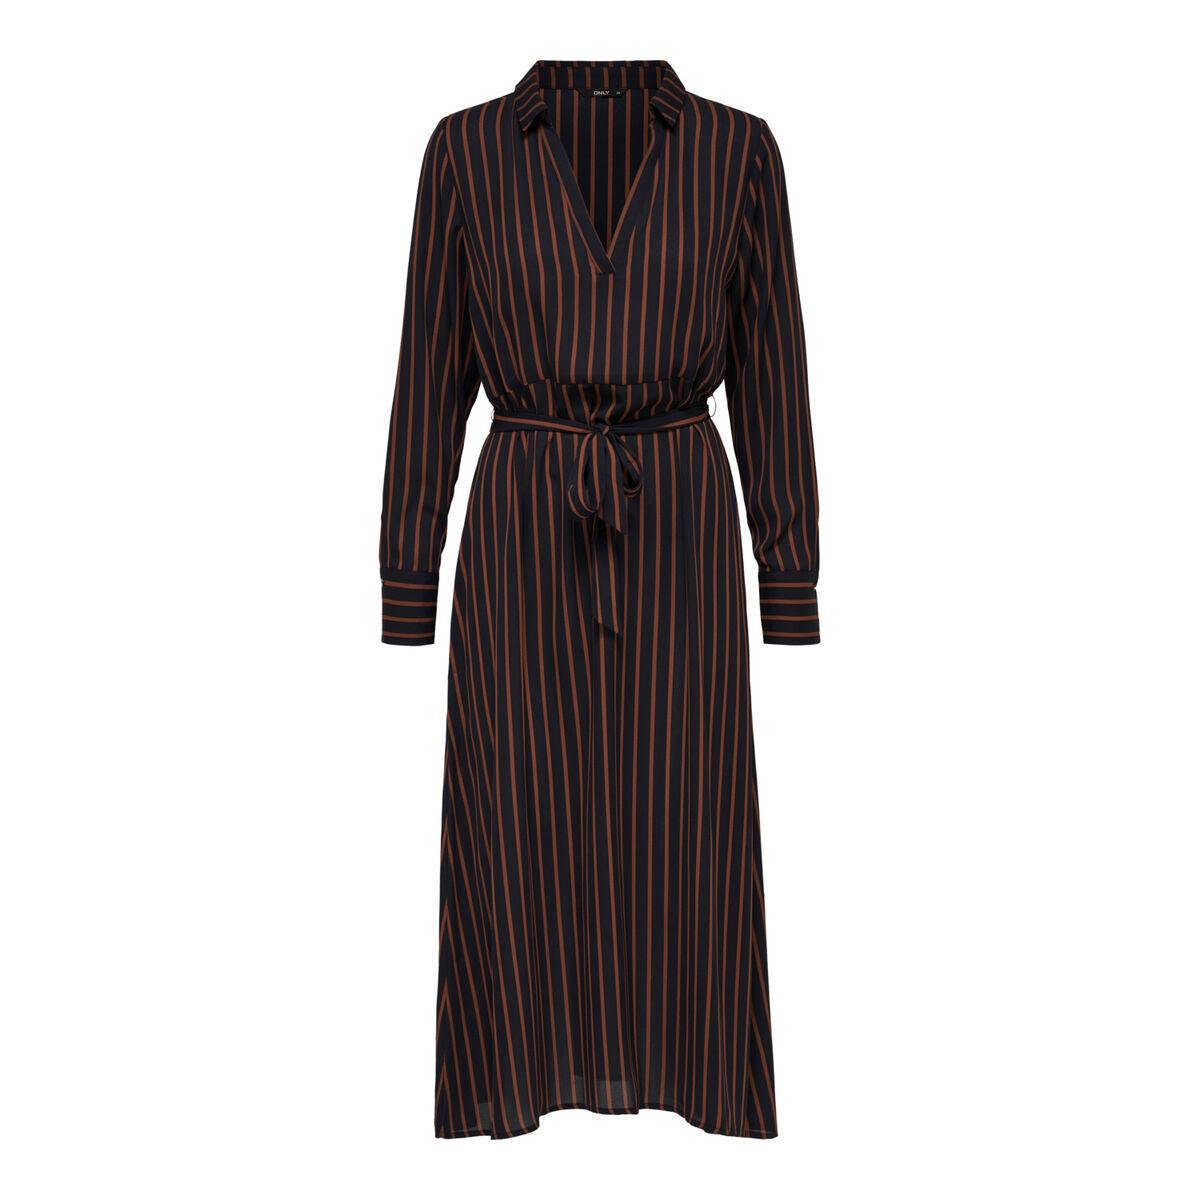 15 Schön Abendkleider Jacken Vertrieb20 Wunderbar Abendkleider Jacken Stylish